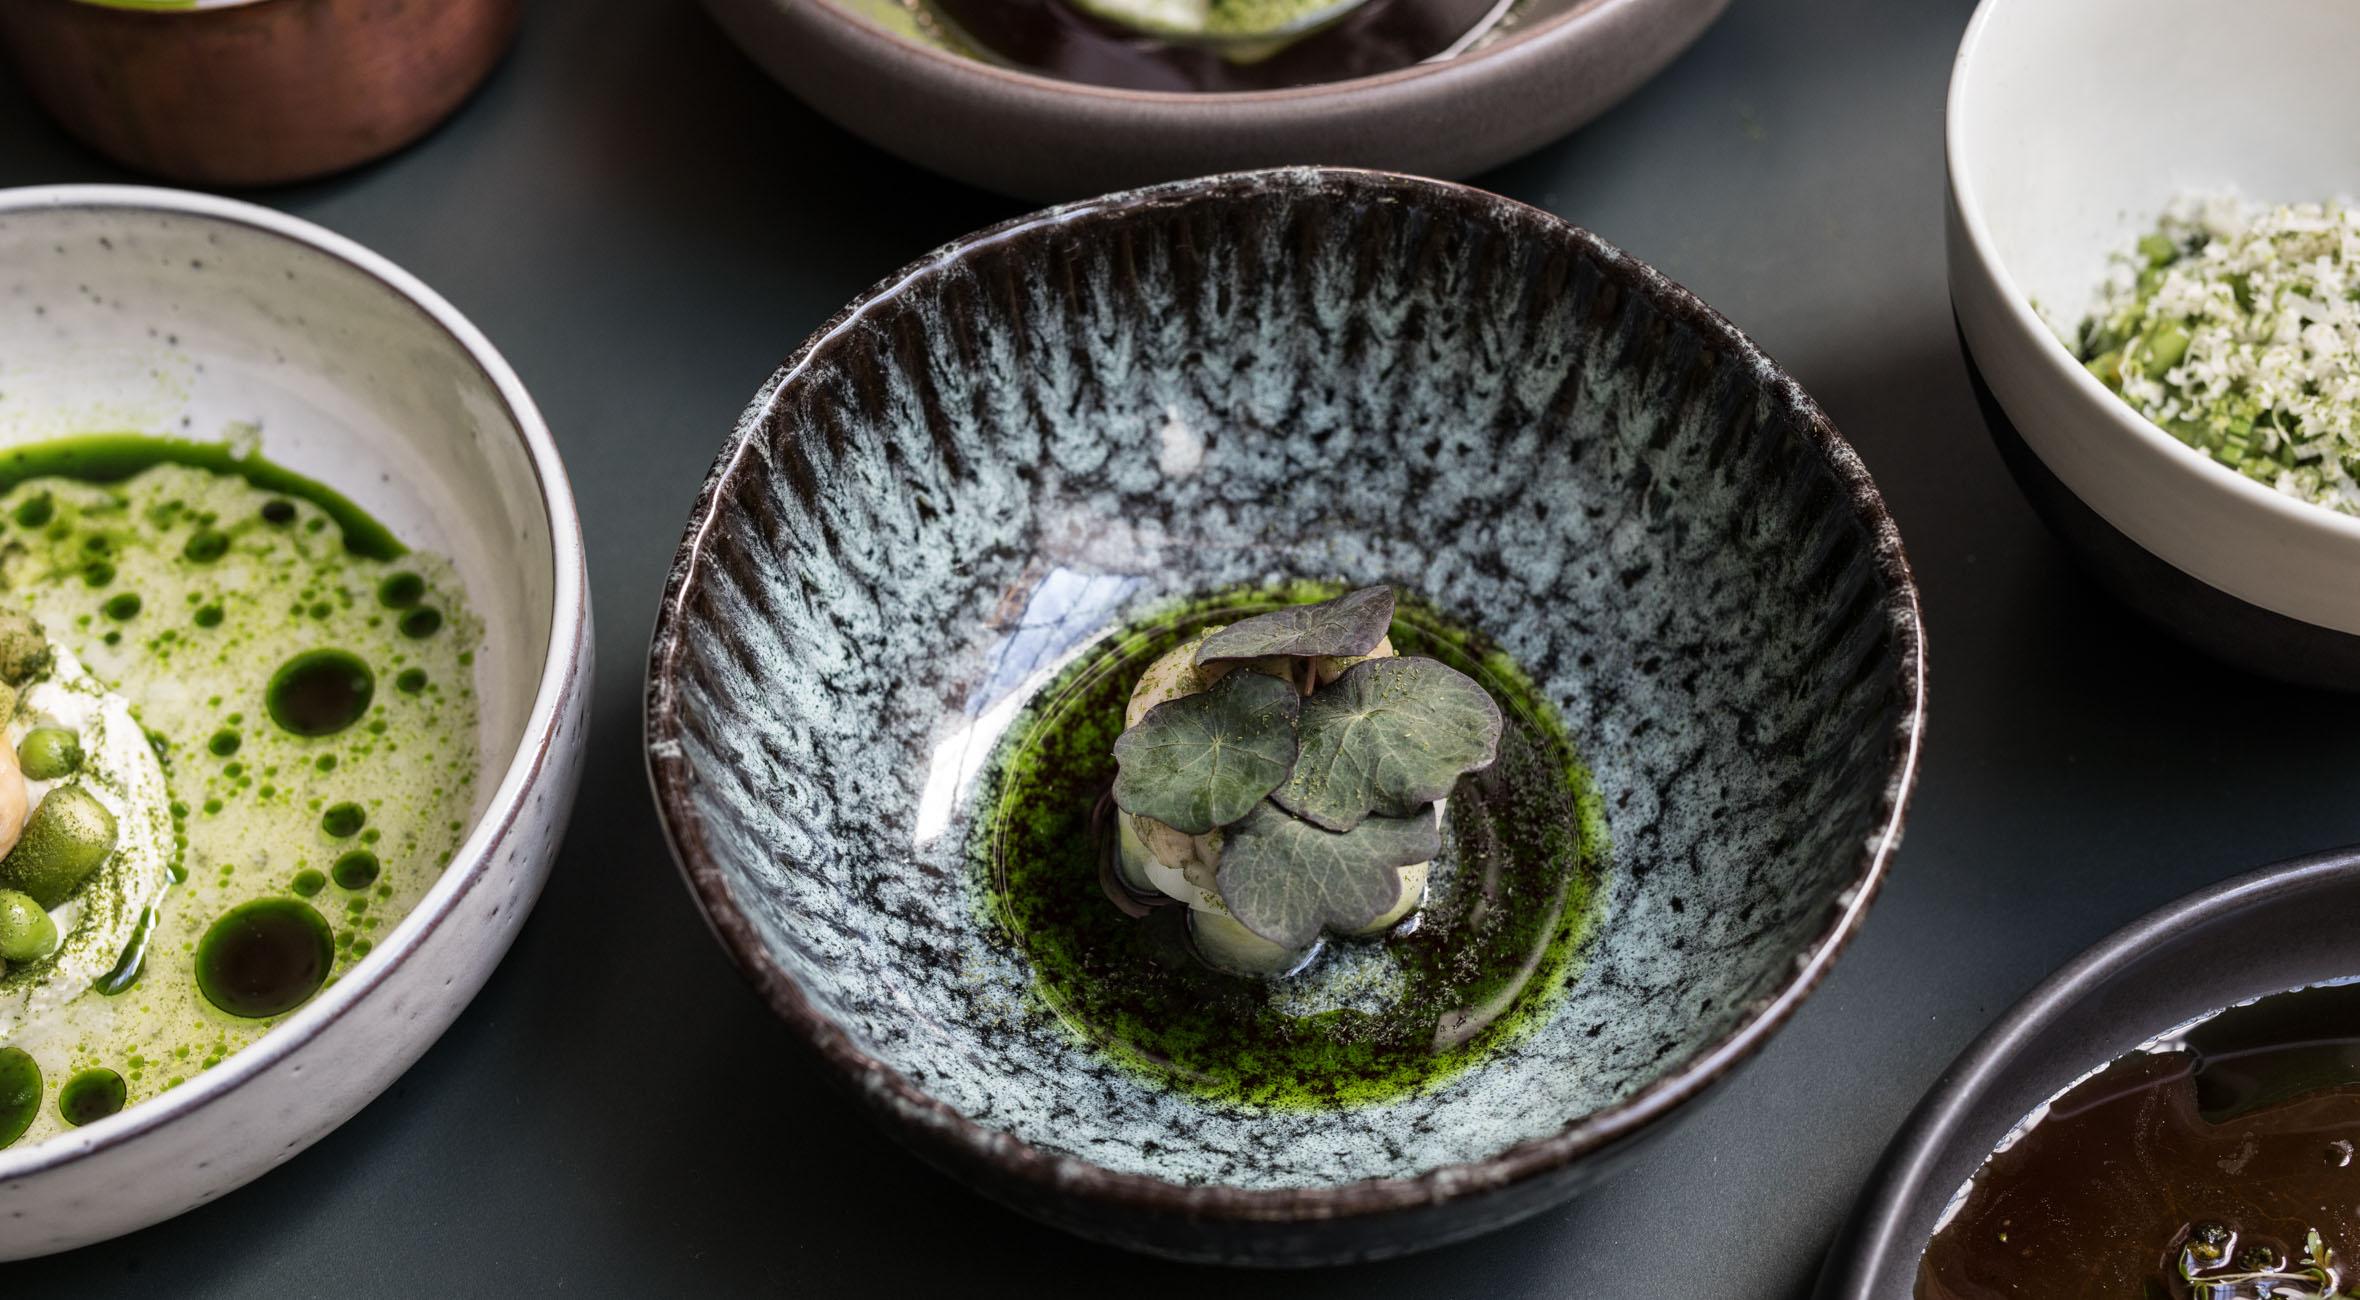 5-retters menu hos Restaurant Meille – Mads Rye Magnusson har åbnet ny restaurant i hjertet af København